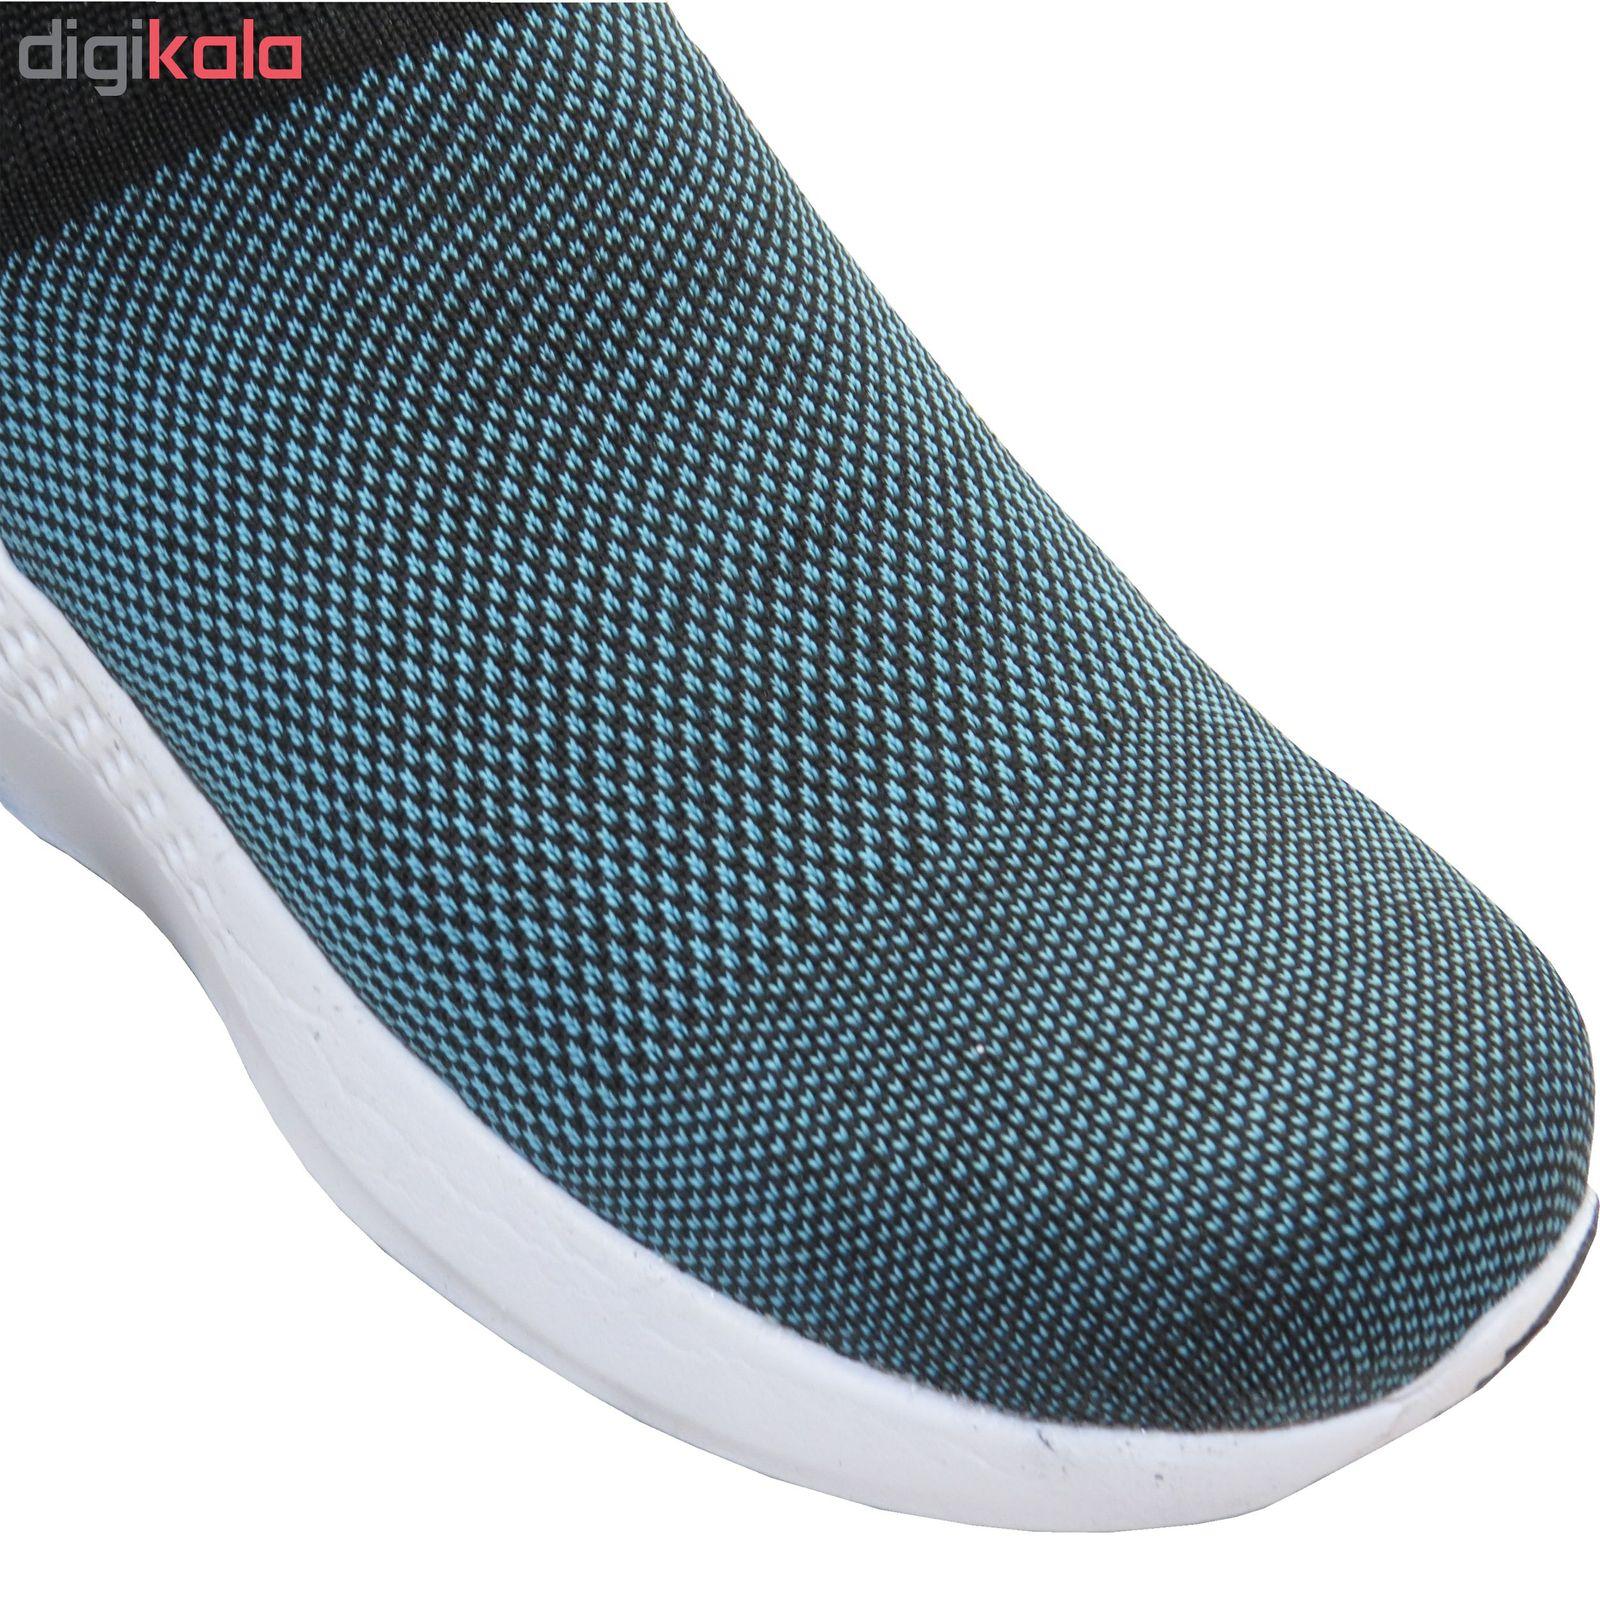 کفش مخصوص پیاده روی مدل Neyshabur main 1 2